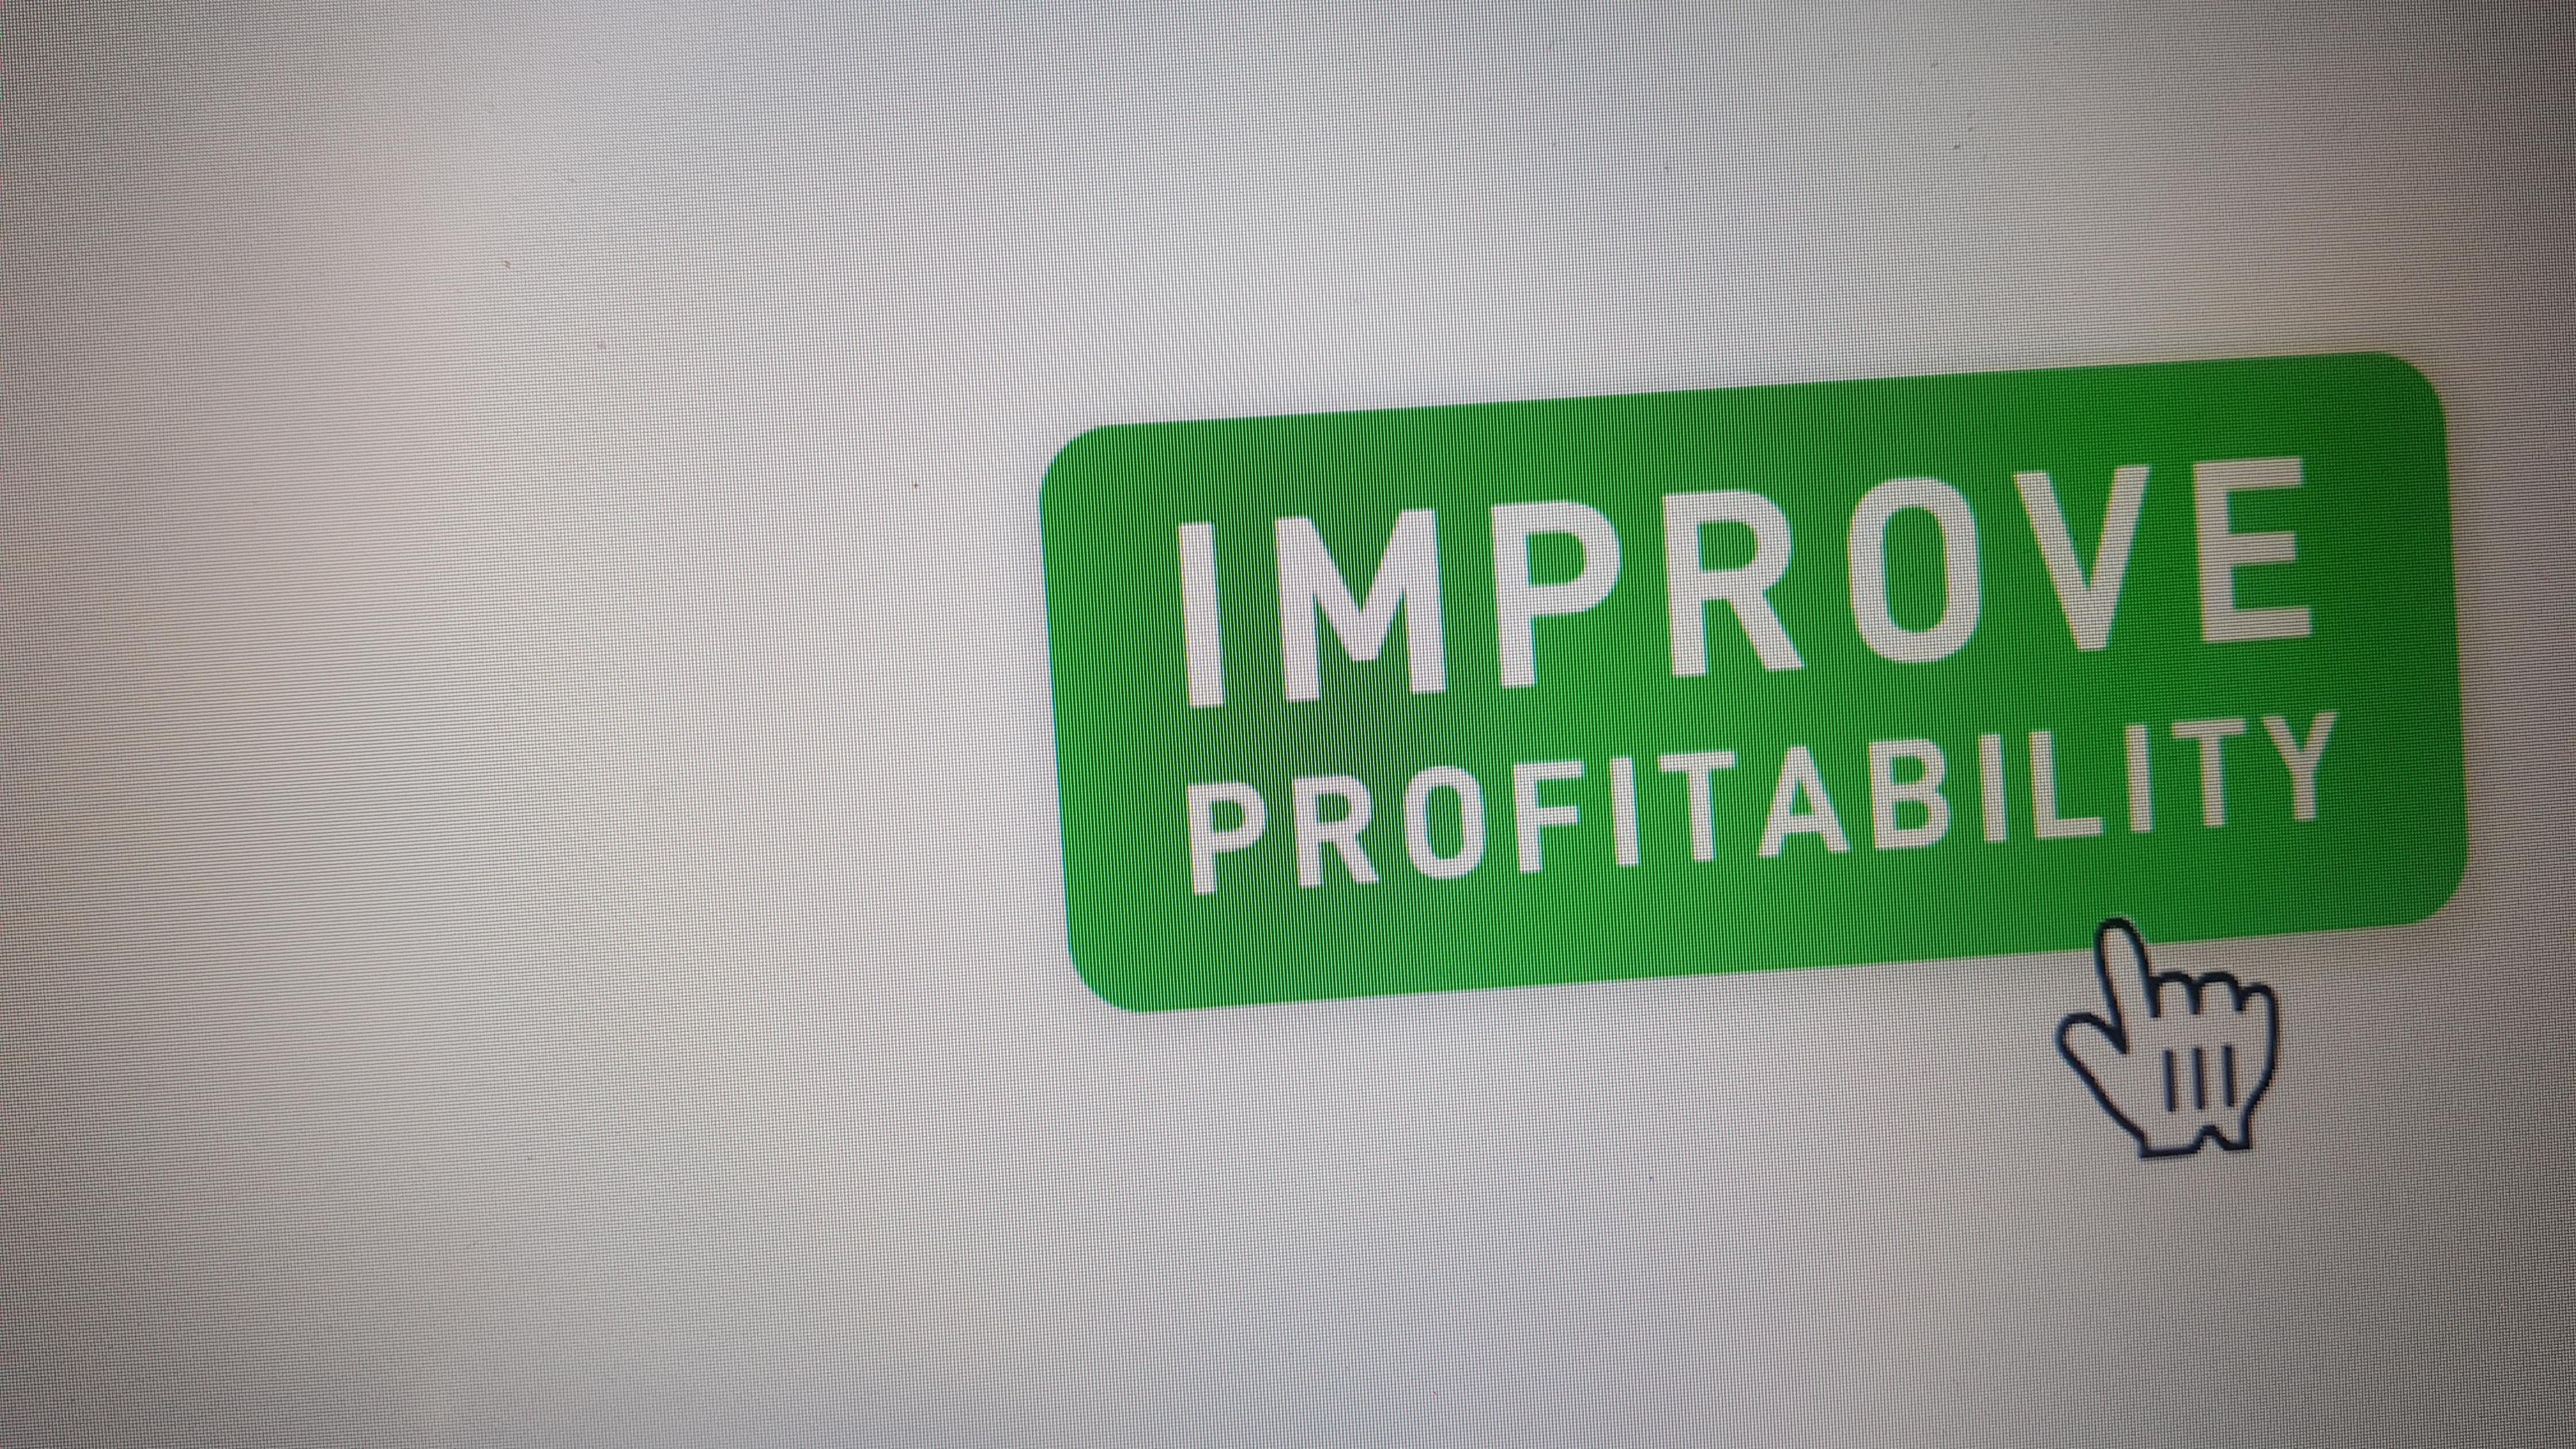 3 questionsto improve profitability